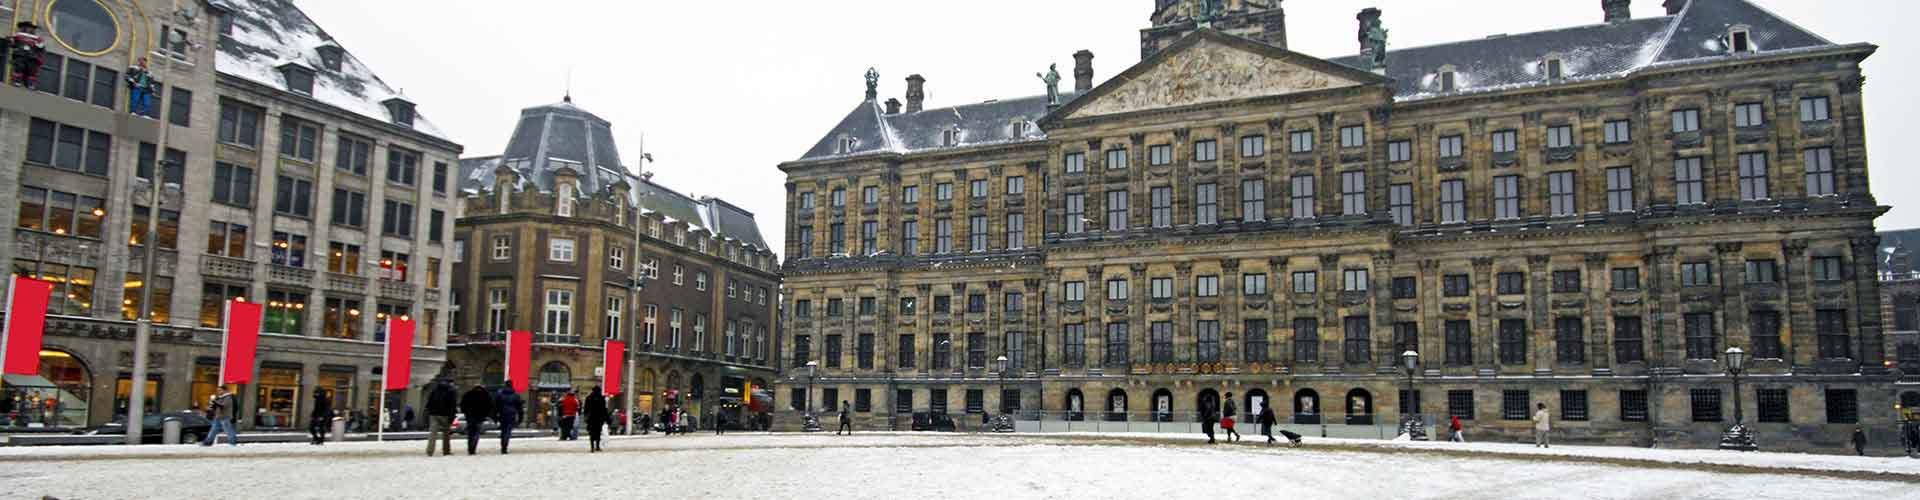 Amsterdam - Camping près de Palais Royal. Cartes pour Amsterdam, photos et commentaires pour chaque camping à Amsterdam.